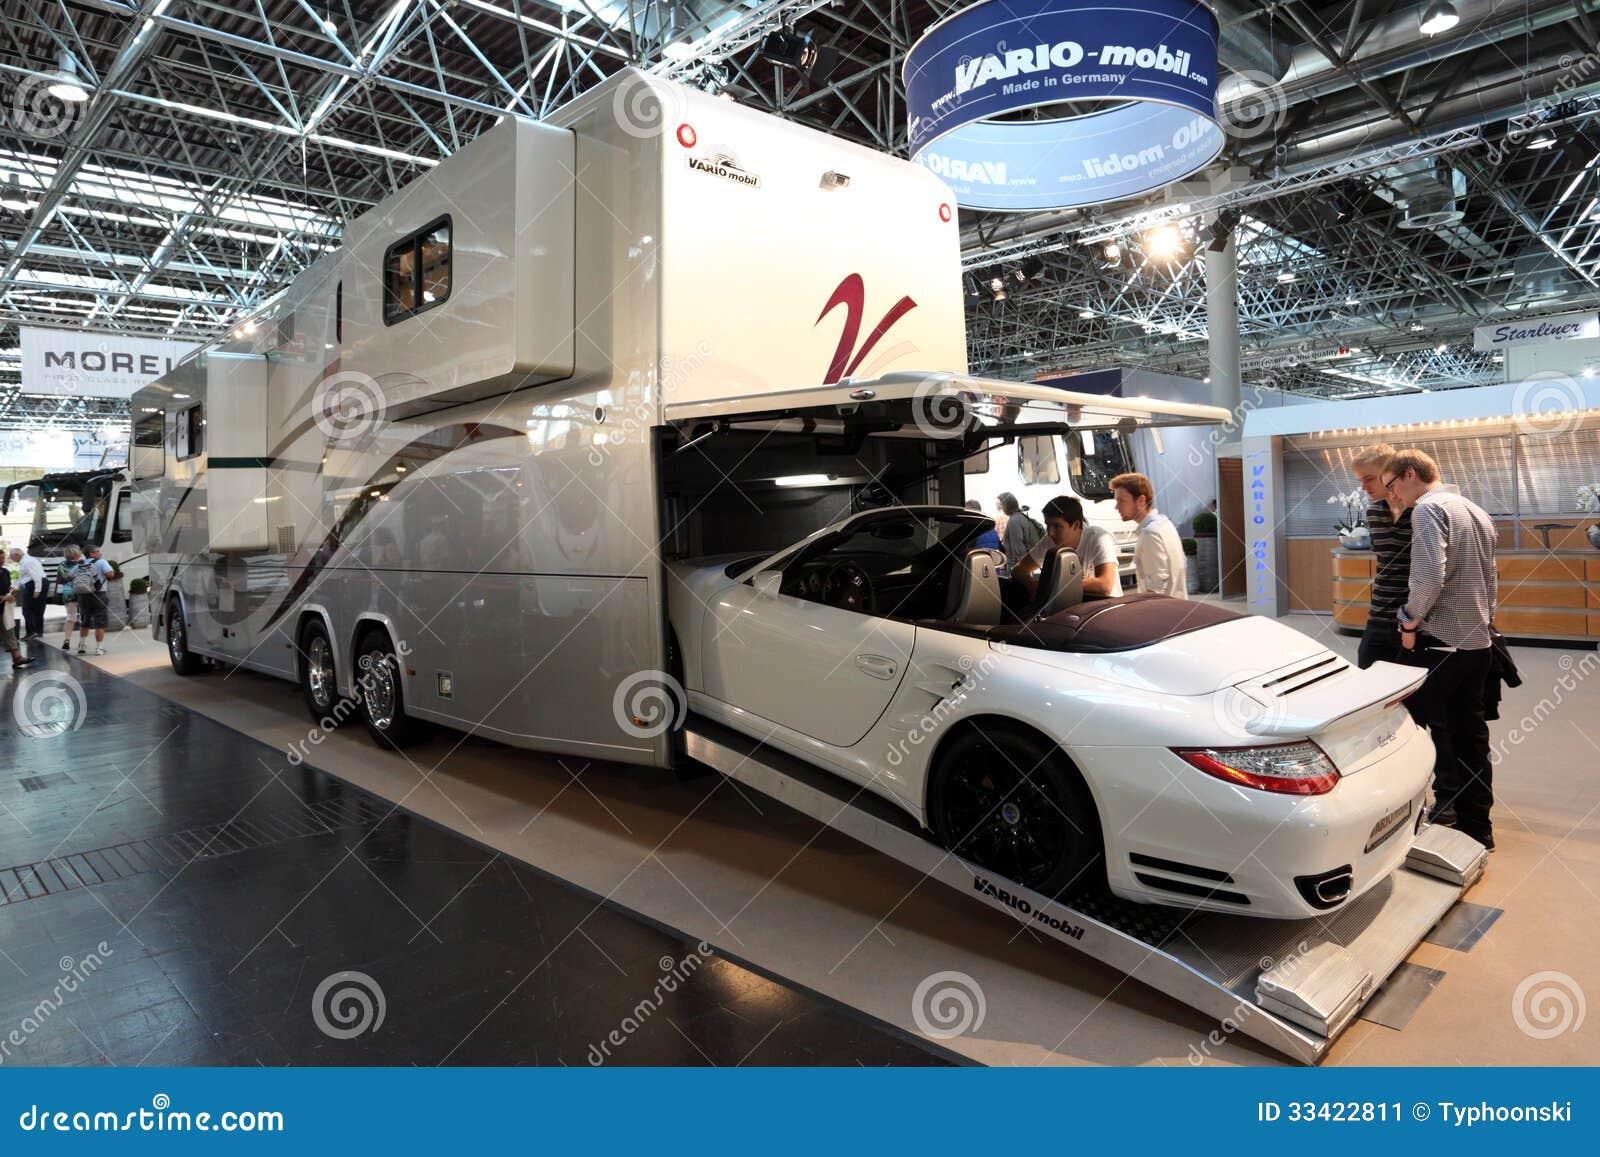 Vario mobil rv con costruito in garage fotografia for Planimetrie del garage rv